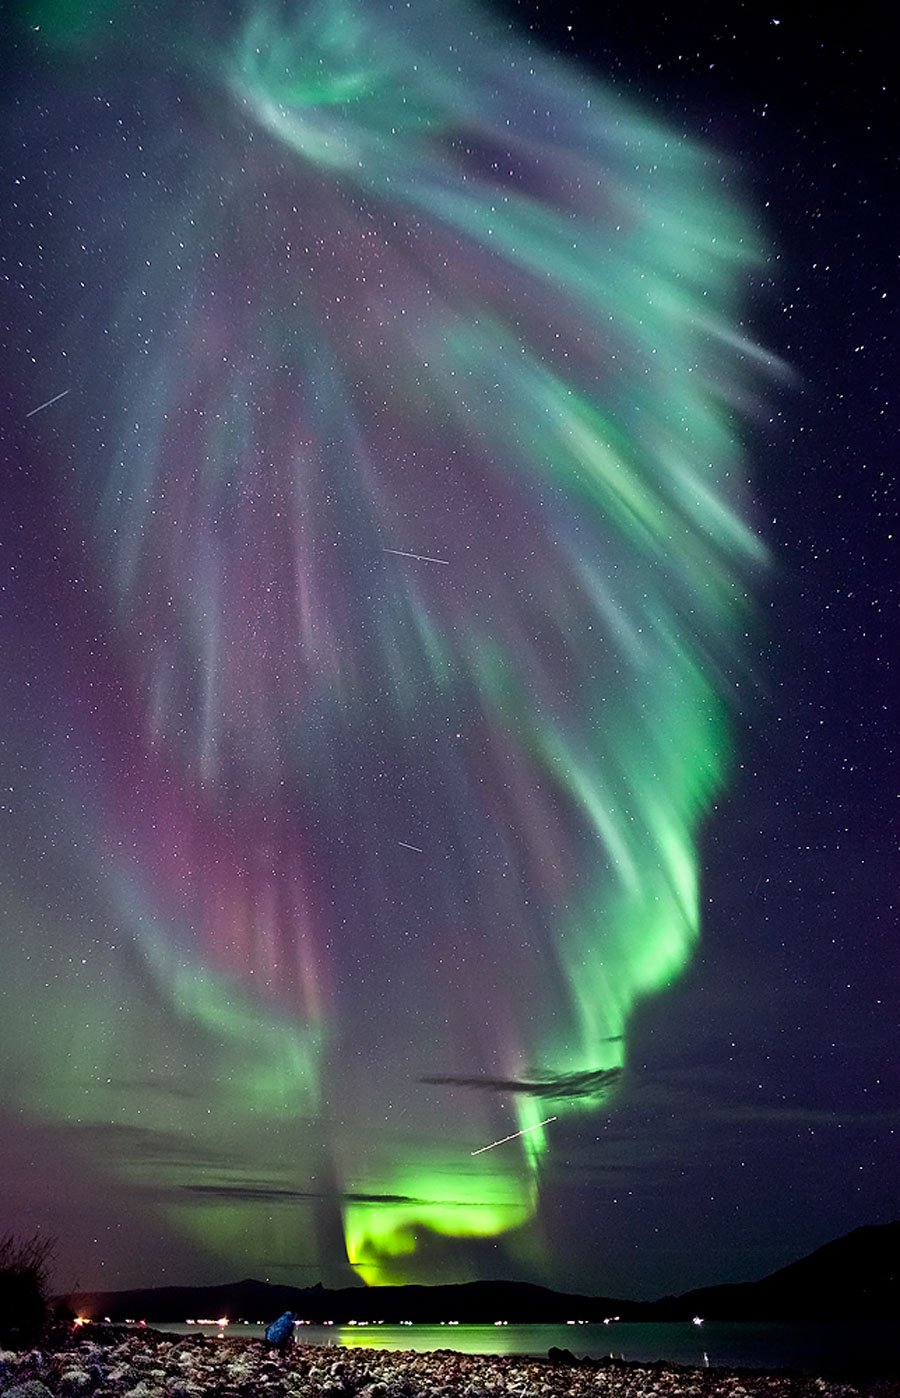 Open Gallery : postez les plus belles images que vous croisez... - Page 4 Aurora_salomonsen